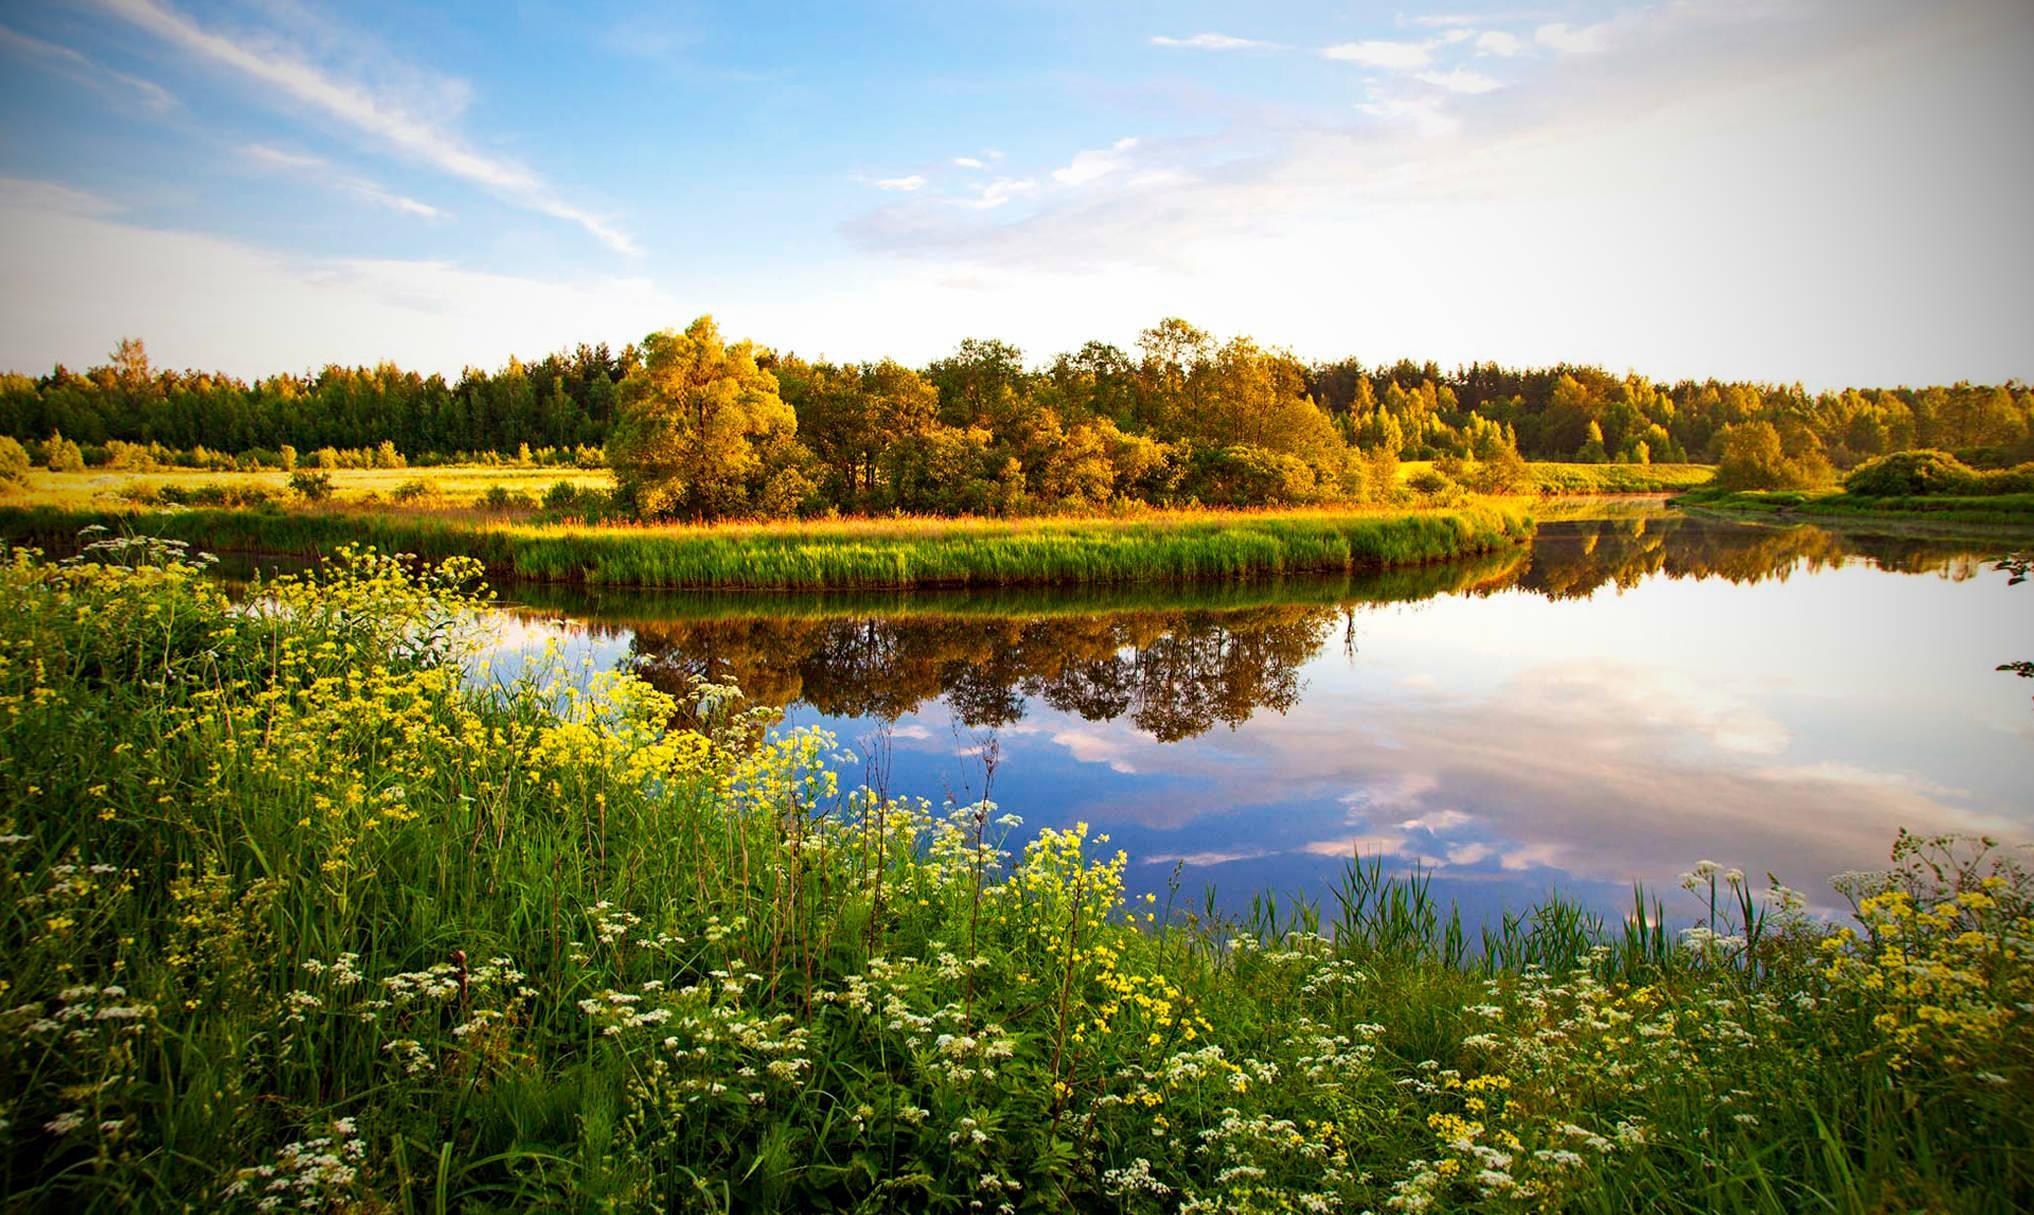 Исследование: к 2100 году лето в Северном полушарии может длиться почти полгода